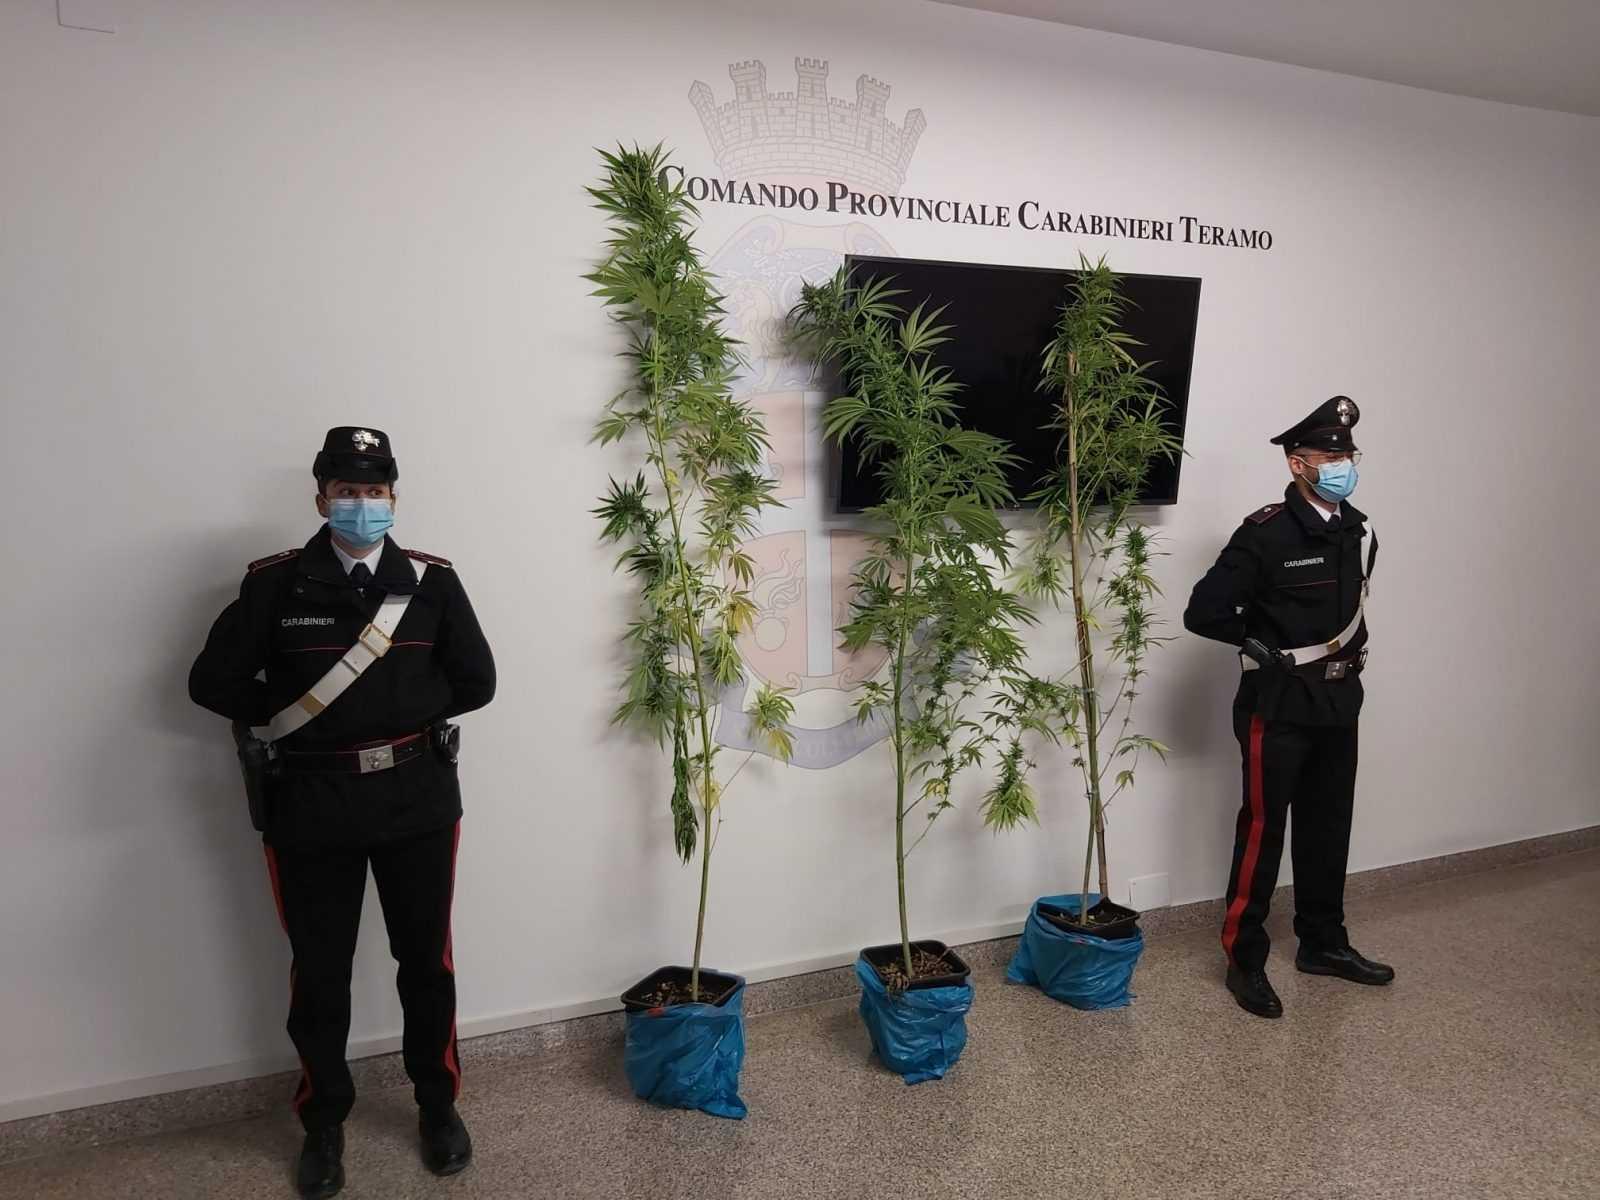 foto- -scovata-nelle-campagne-teramane-una-serra-con-piante-alte-oltre-due-metri:-sequestrati-oltre-260-grammi-di-marijuana.-arrestati-due-montoriesi